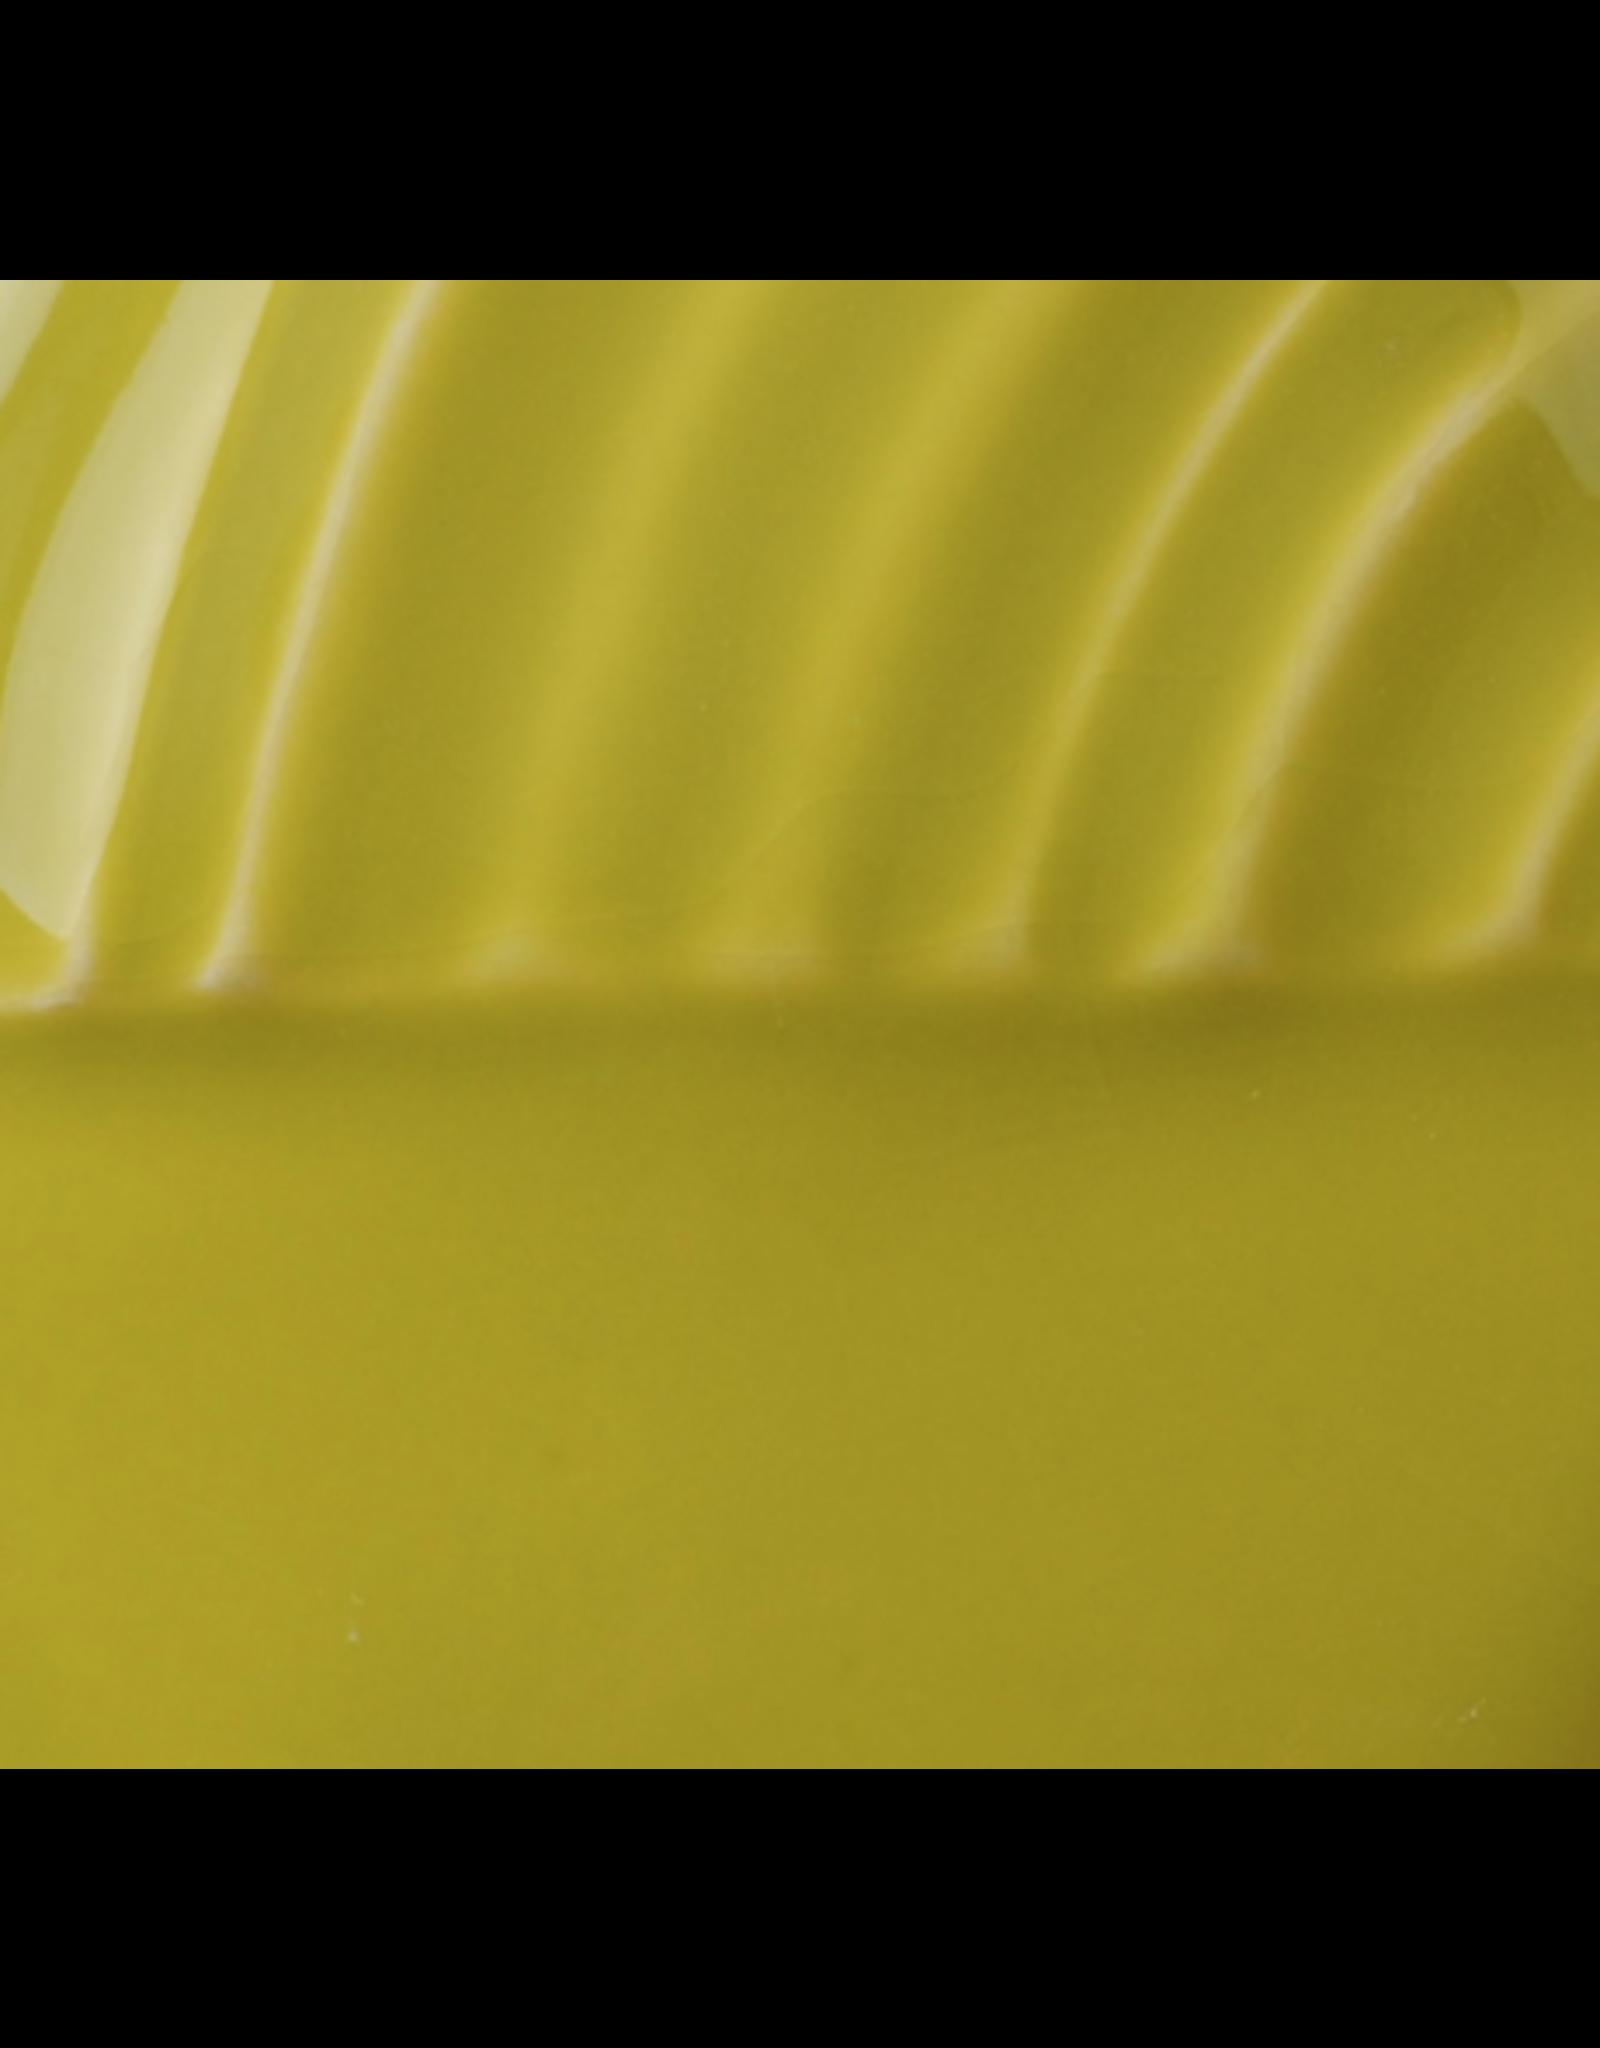 Sneyd Lime Green (Zr, Si, Pr, V) Glaze Stain